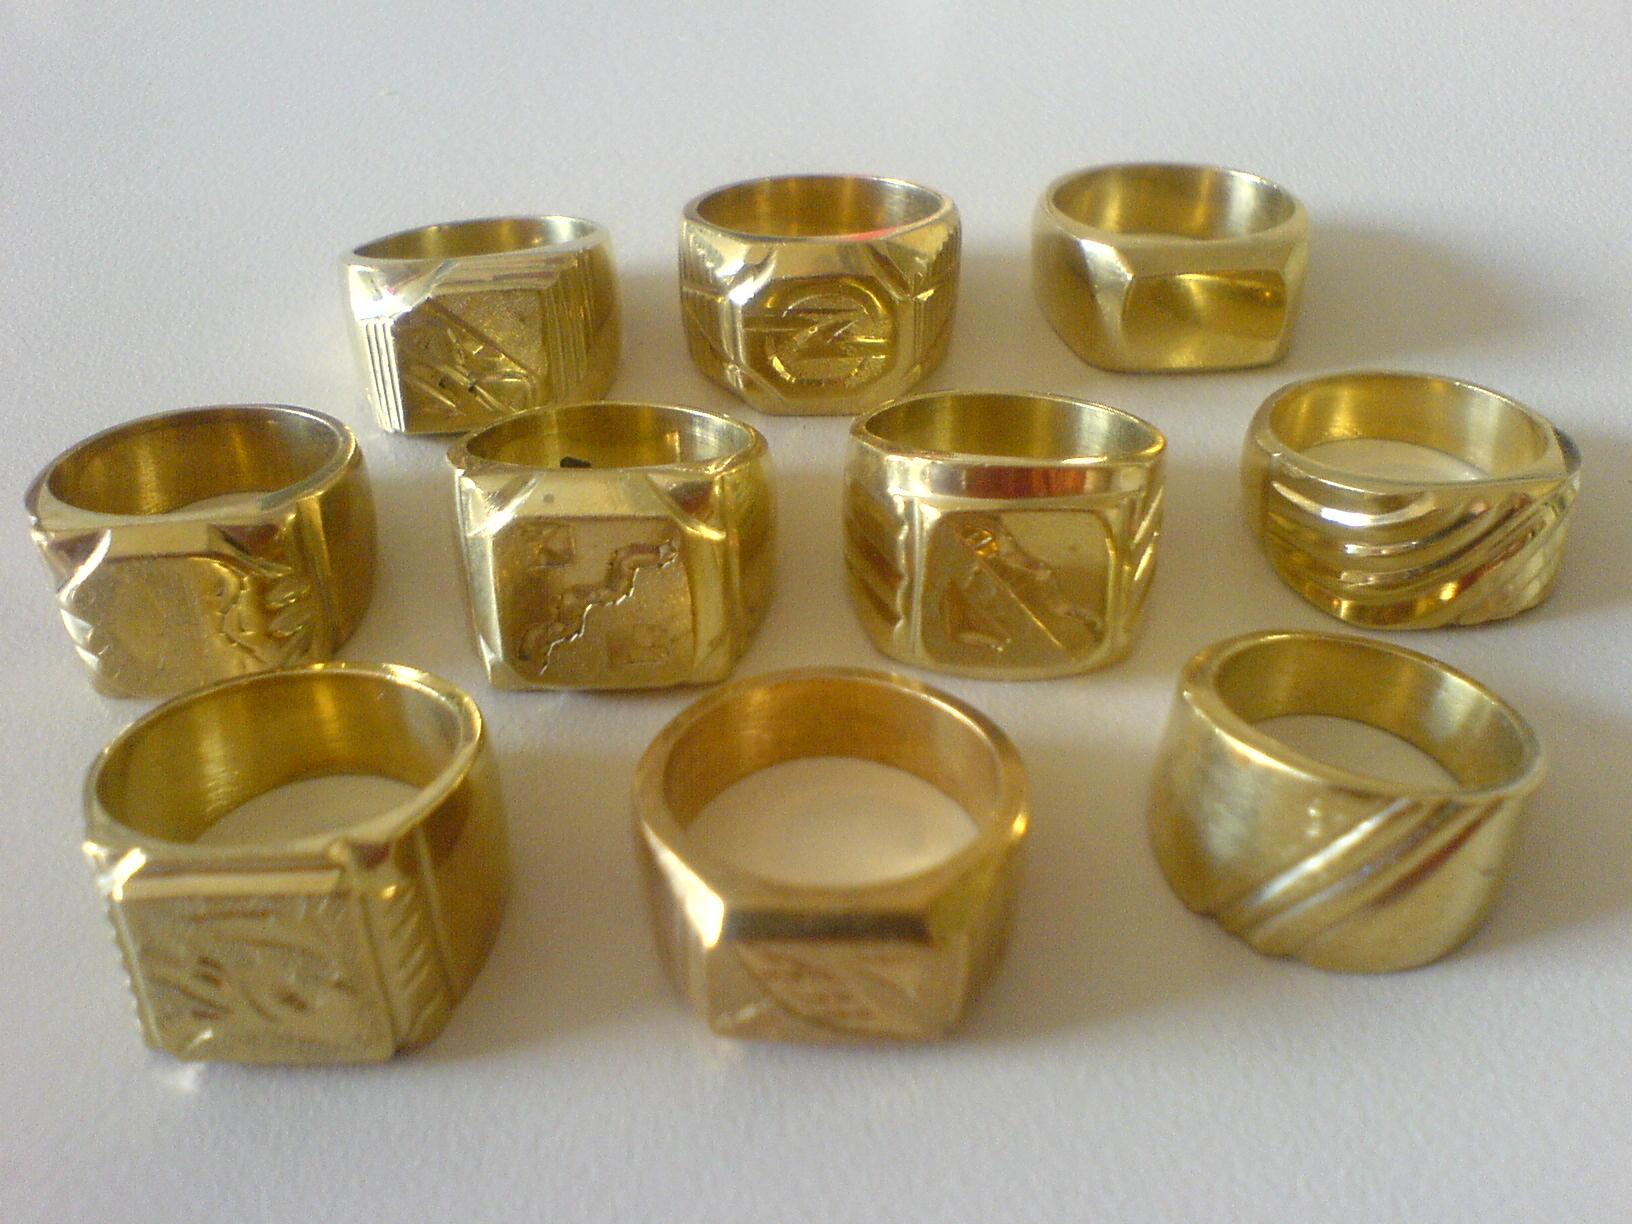 Autobahngold  Bilder von geflschten Ringen Ketten etc